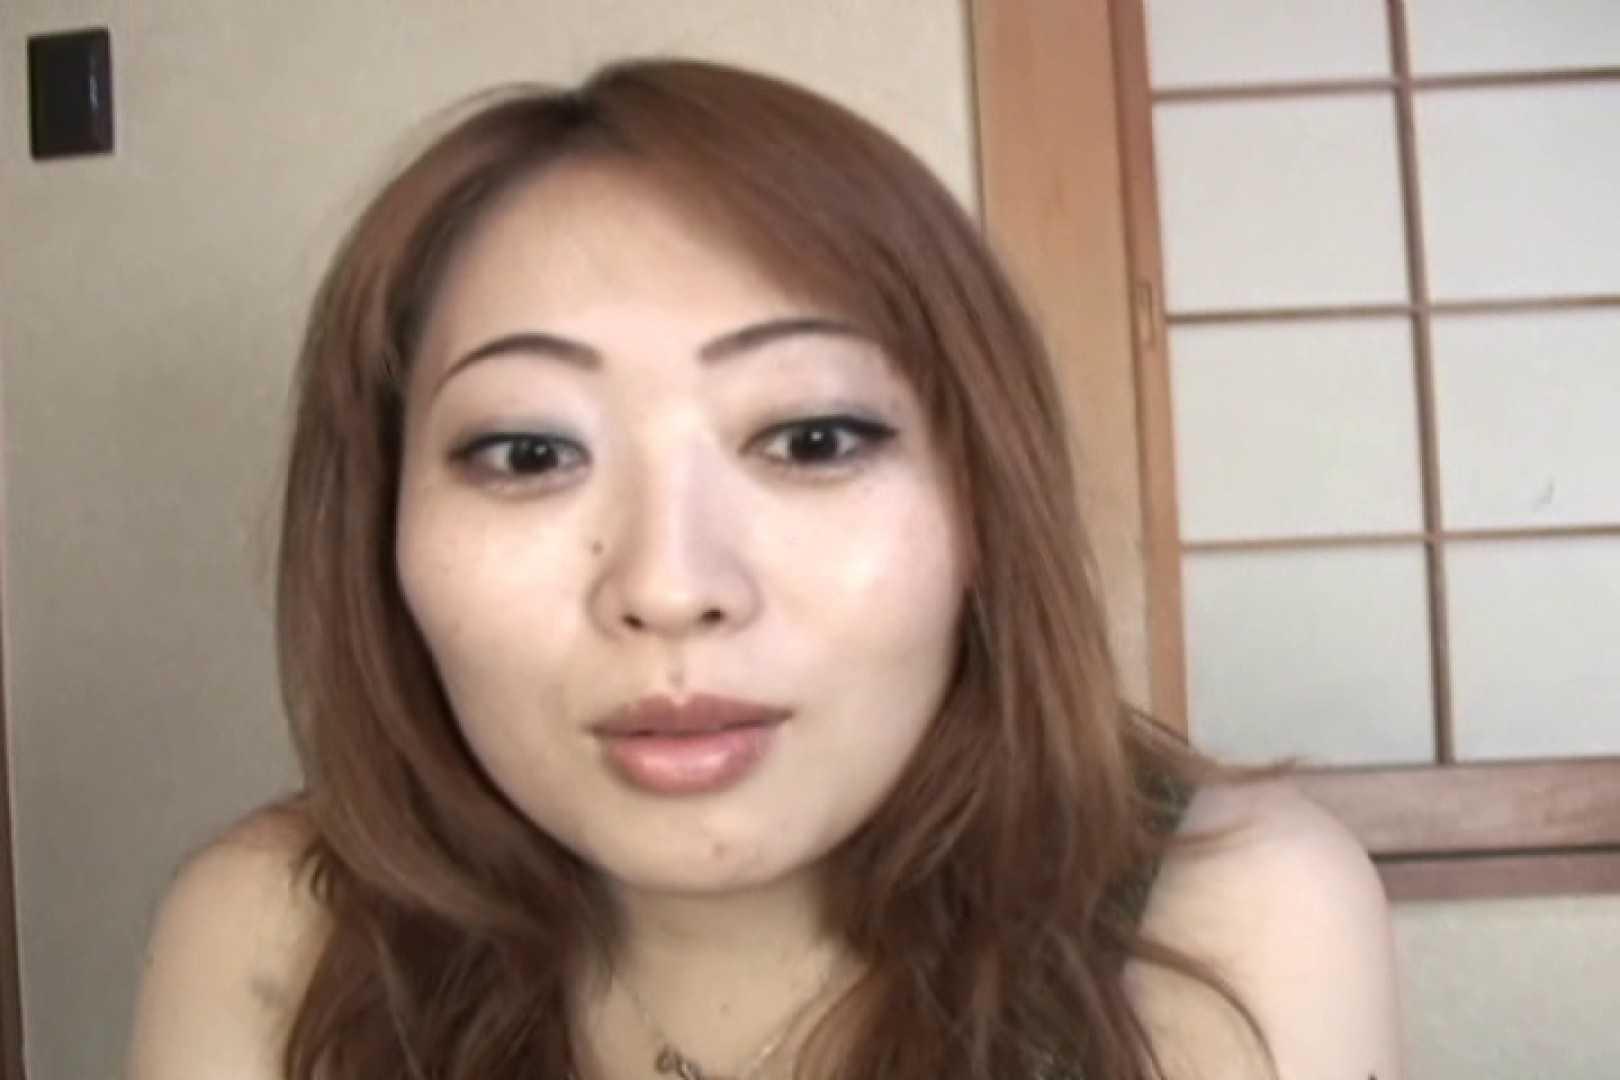 仕事で月200本のチンポを相手する22歳若人妻~桜井あい~ 人妻のエッチ  108pic 40